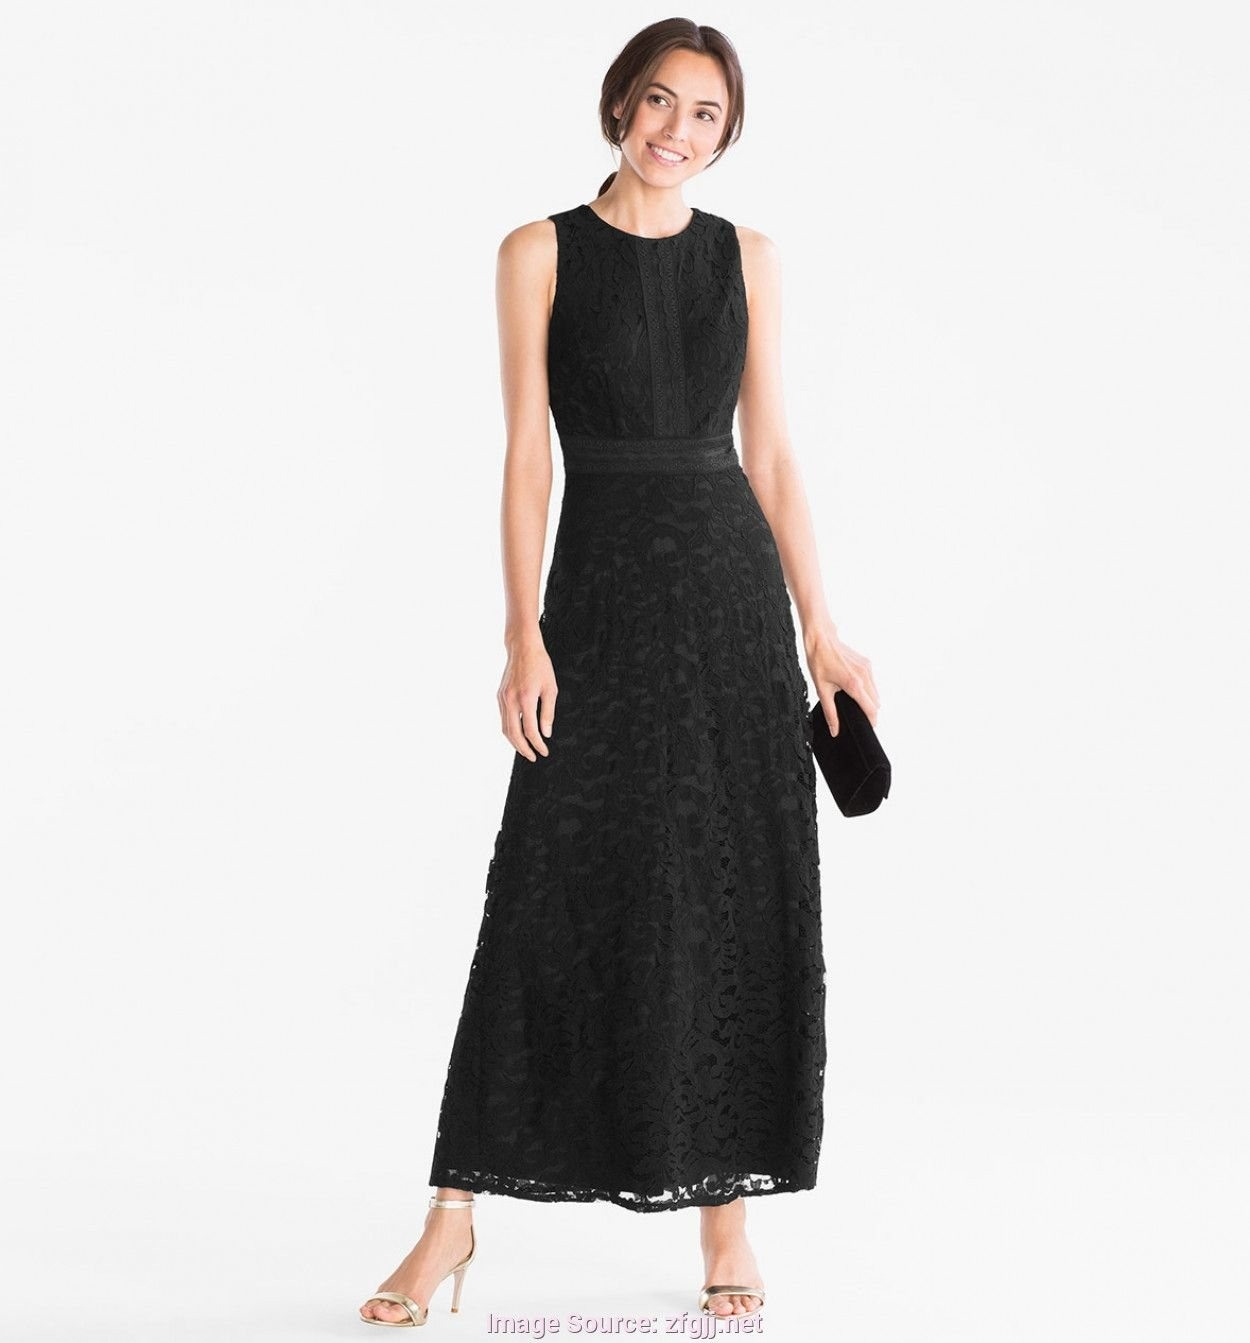 Abend Cool Kleider Damen Festlich StylishFormal Spektakulär Kleider Damen Festlich Design